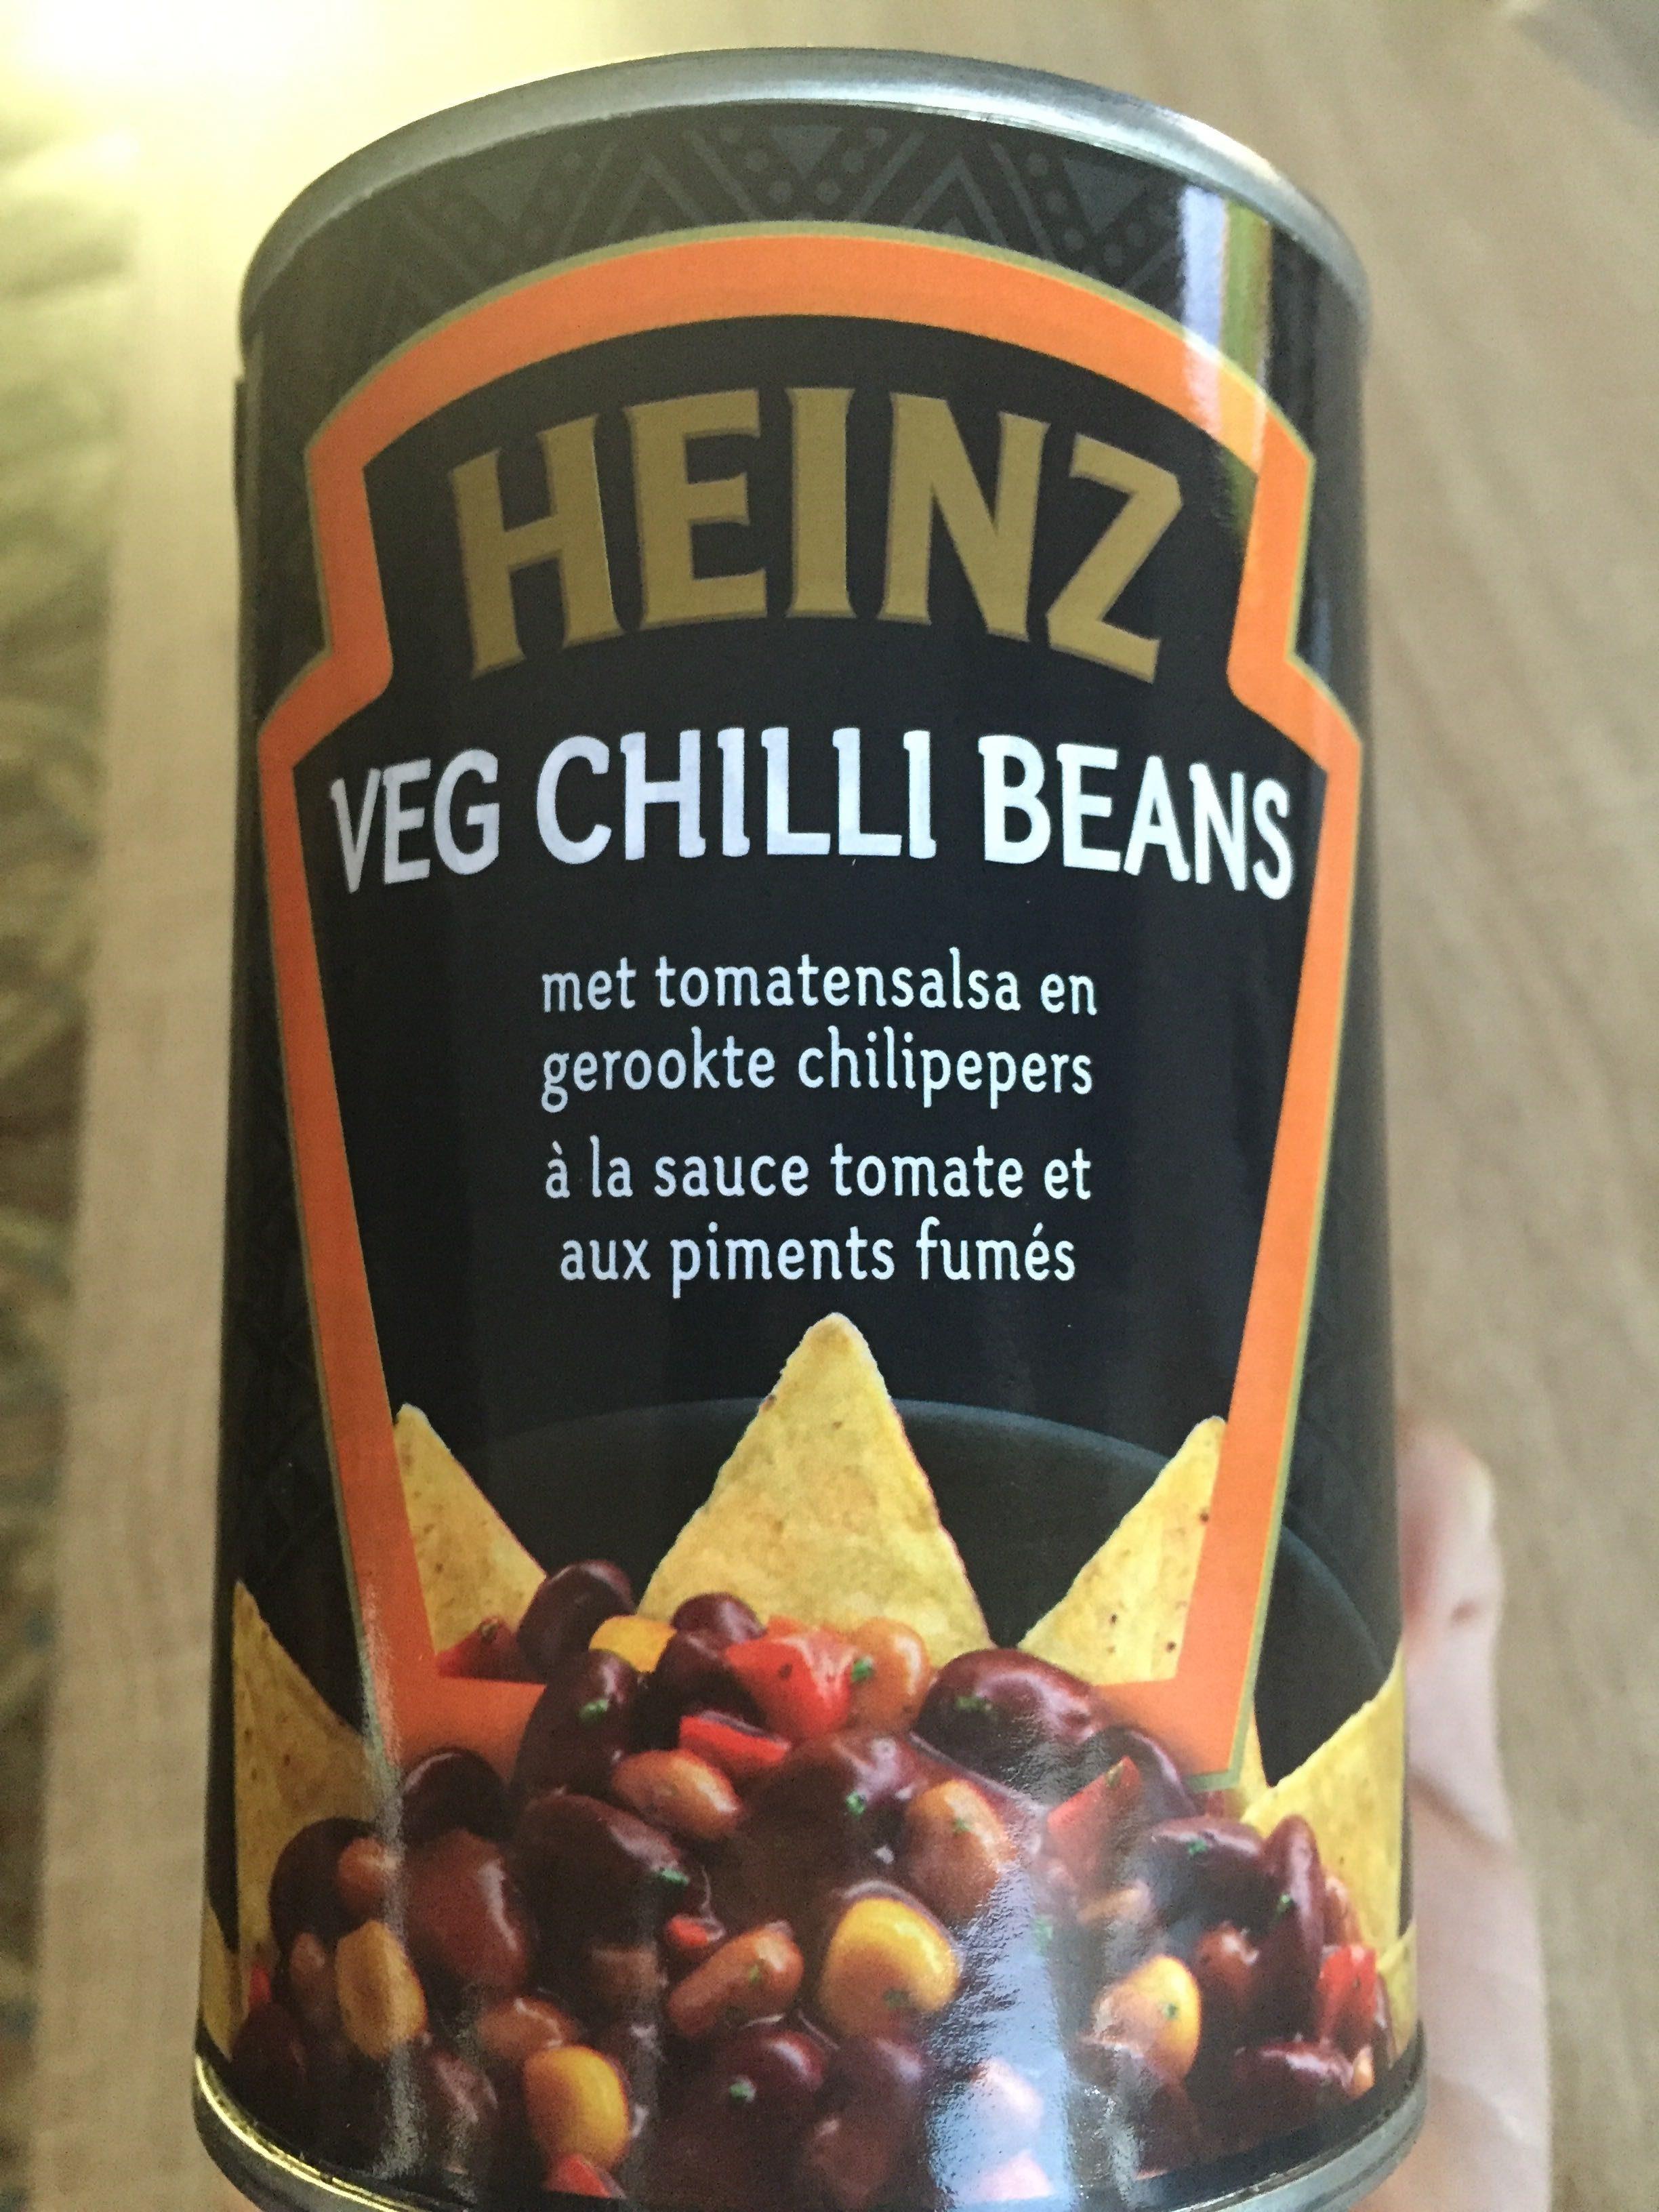 Heinz Veg Chilli Beanz Tomato Salsa & Smoked Chilli Red Kidney Beans - Produit